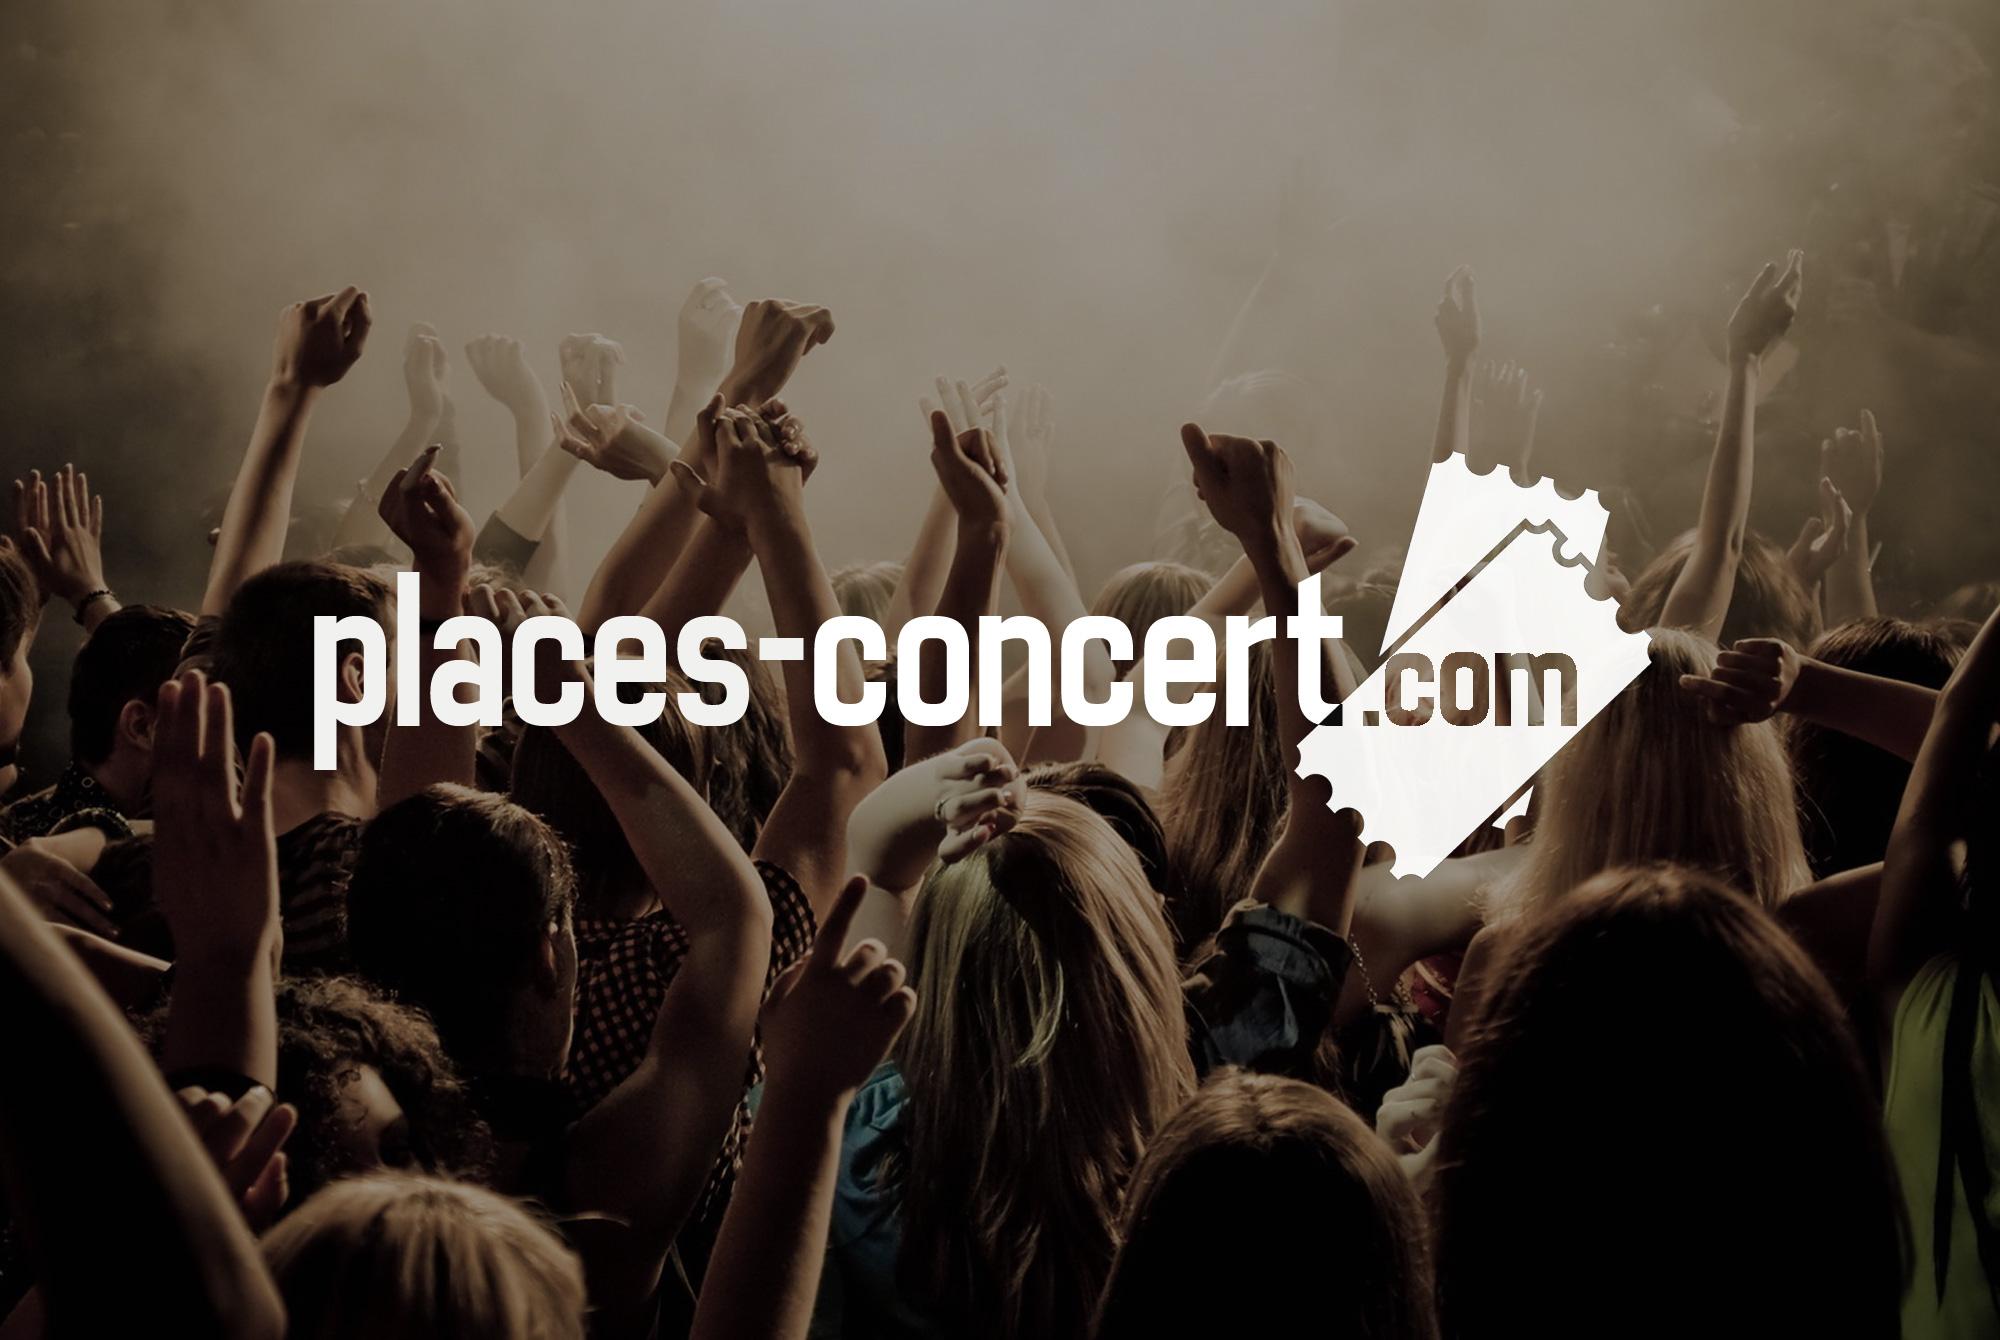 places-concert.com